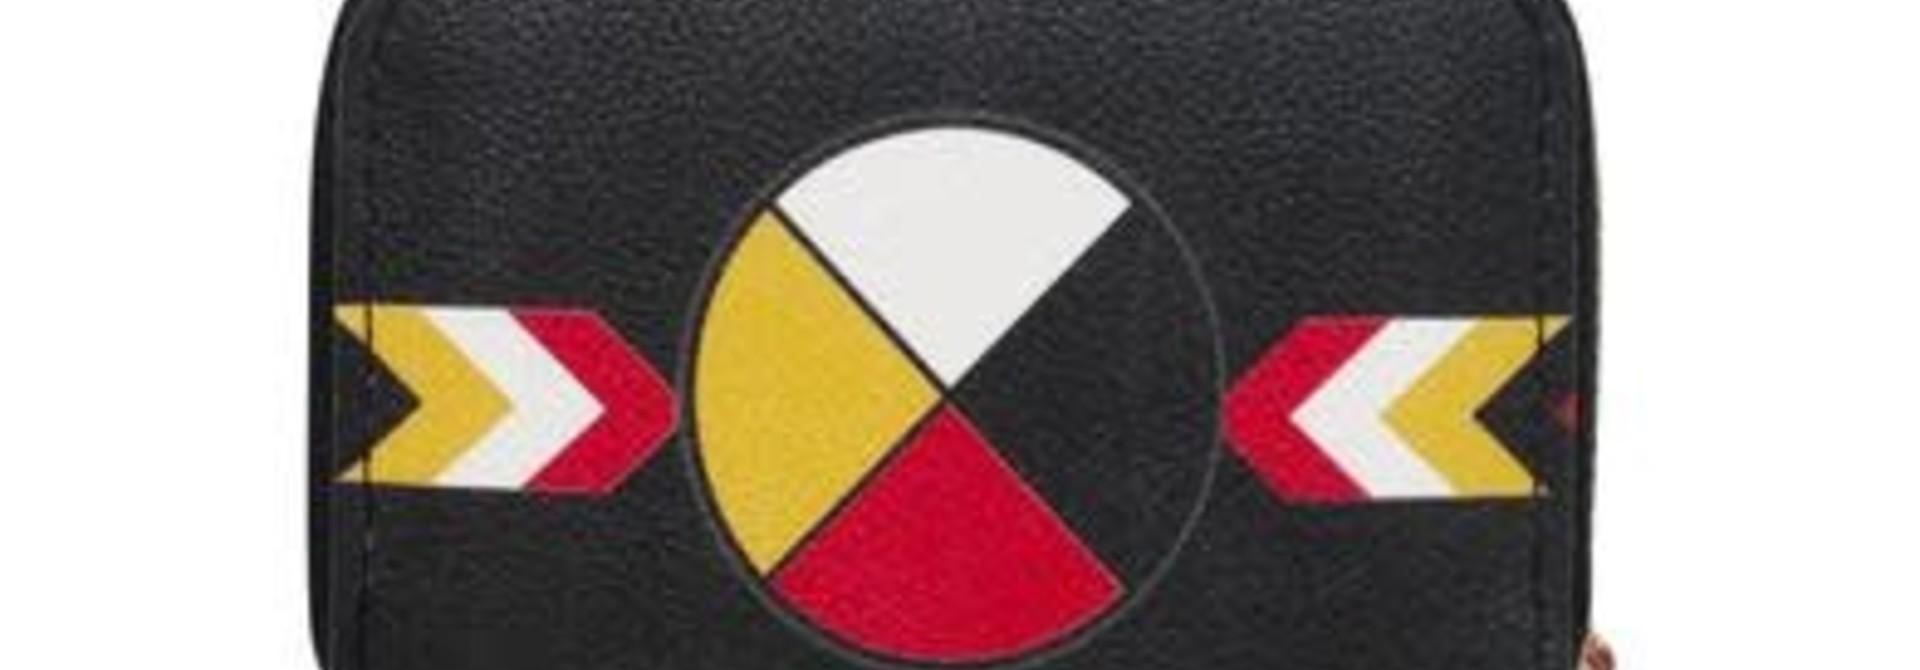 Card Wallet - Medicine Wheel design